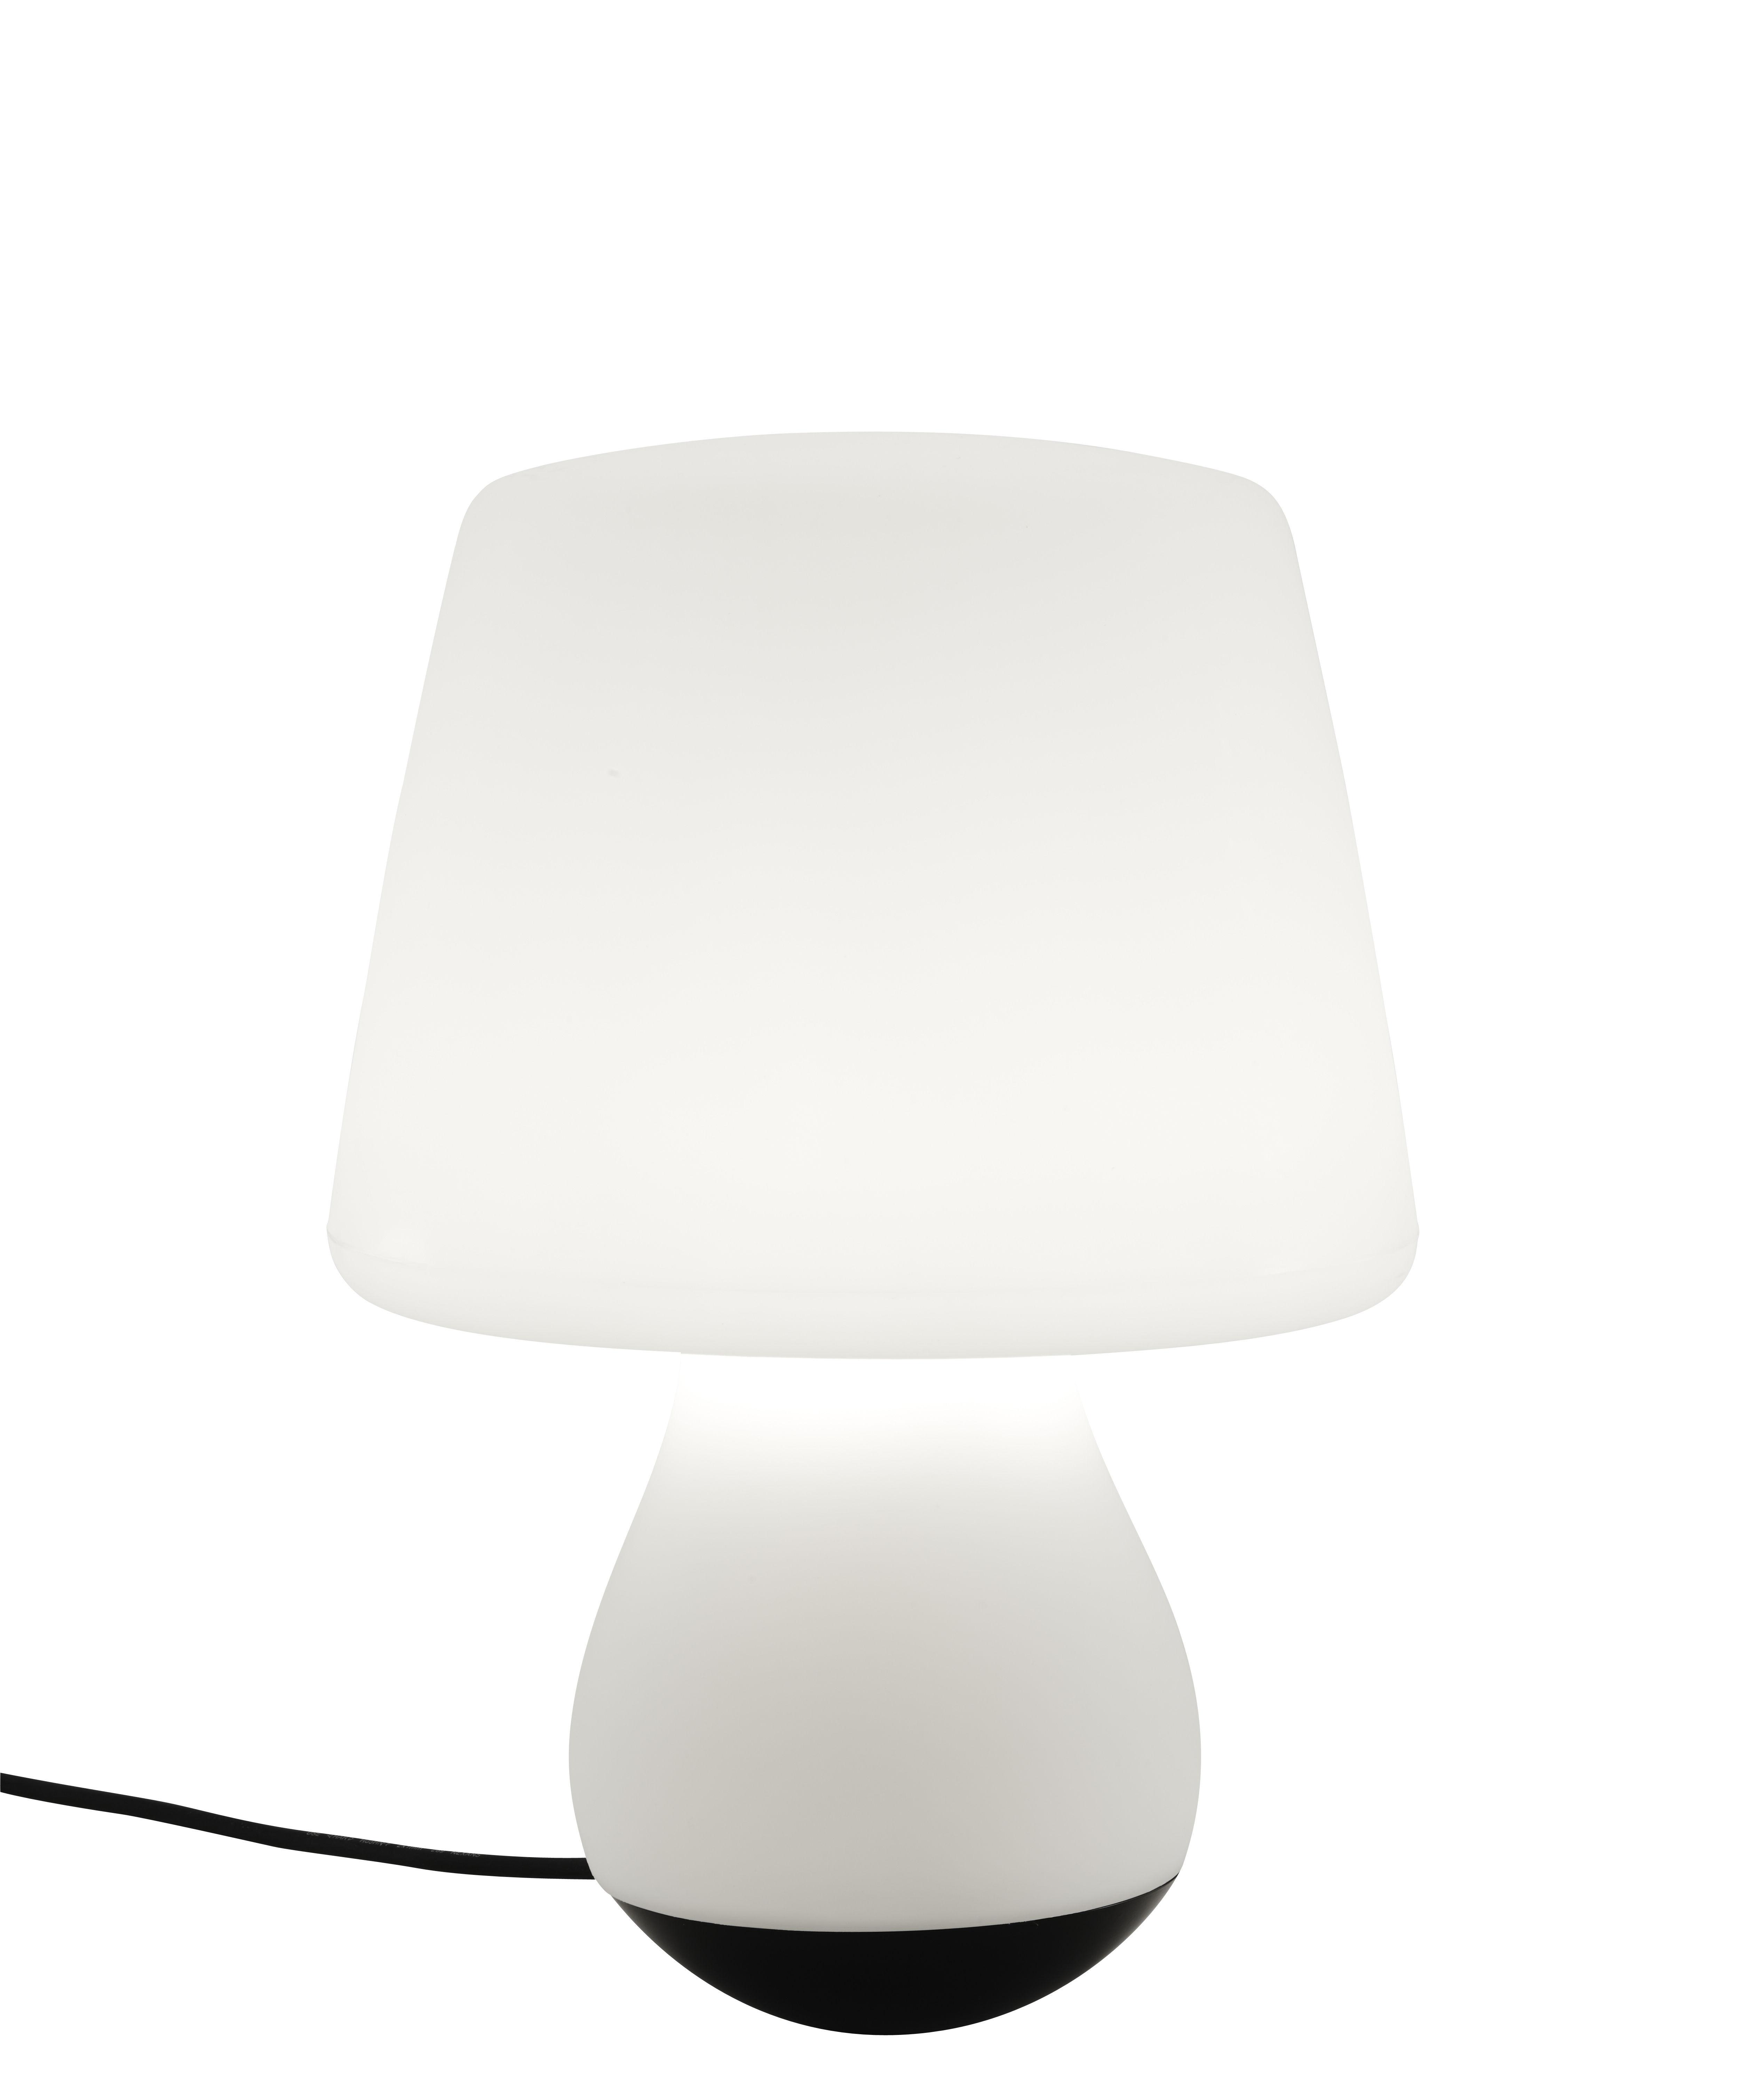 Luminaire - Lampes de table - Lampe à poser Mushroom / H 43 cm - Cinna - Blanc & noir - Acier laqué époxy, Polyéthylène